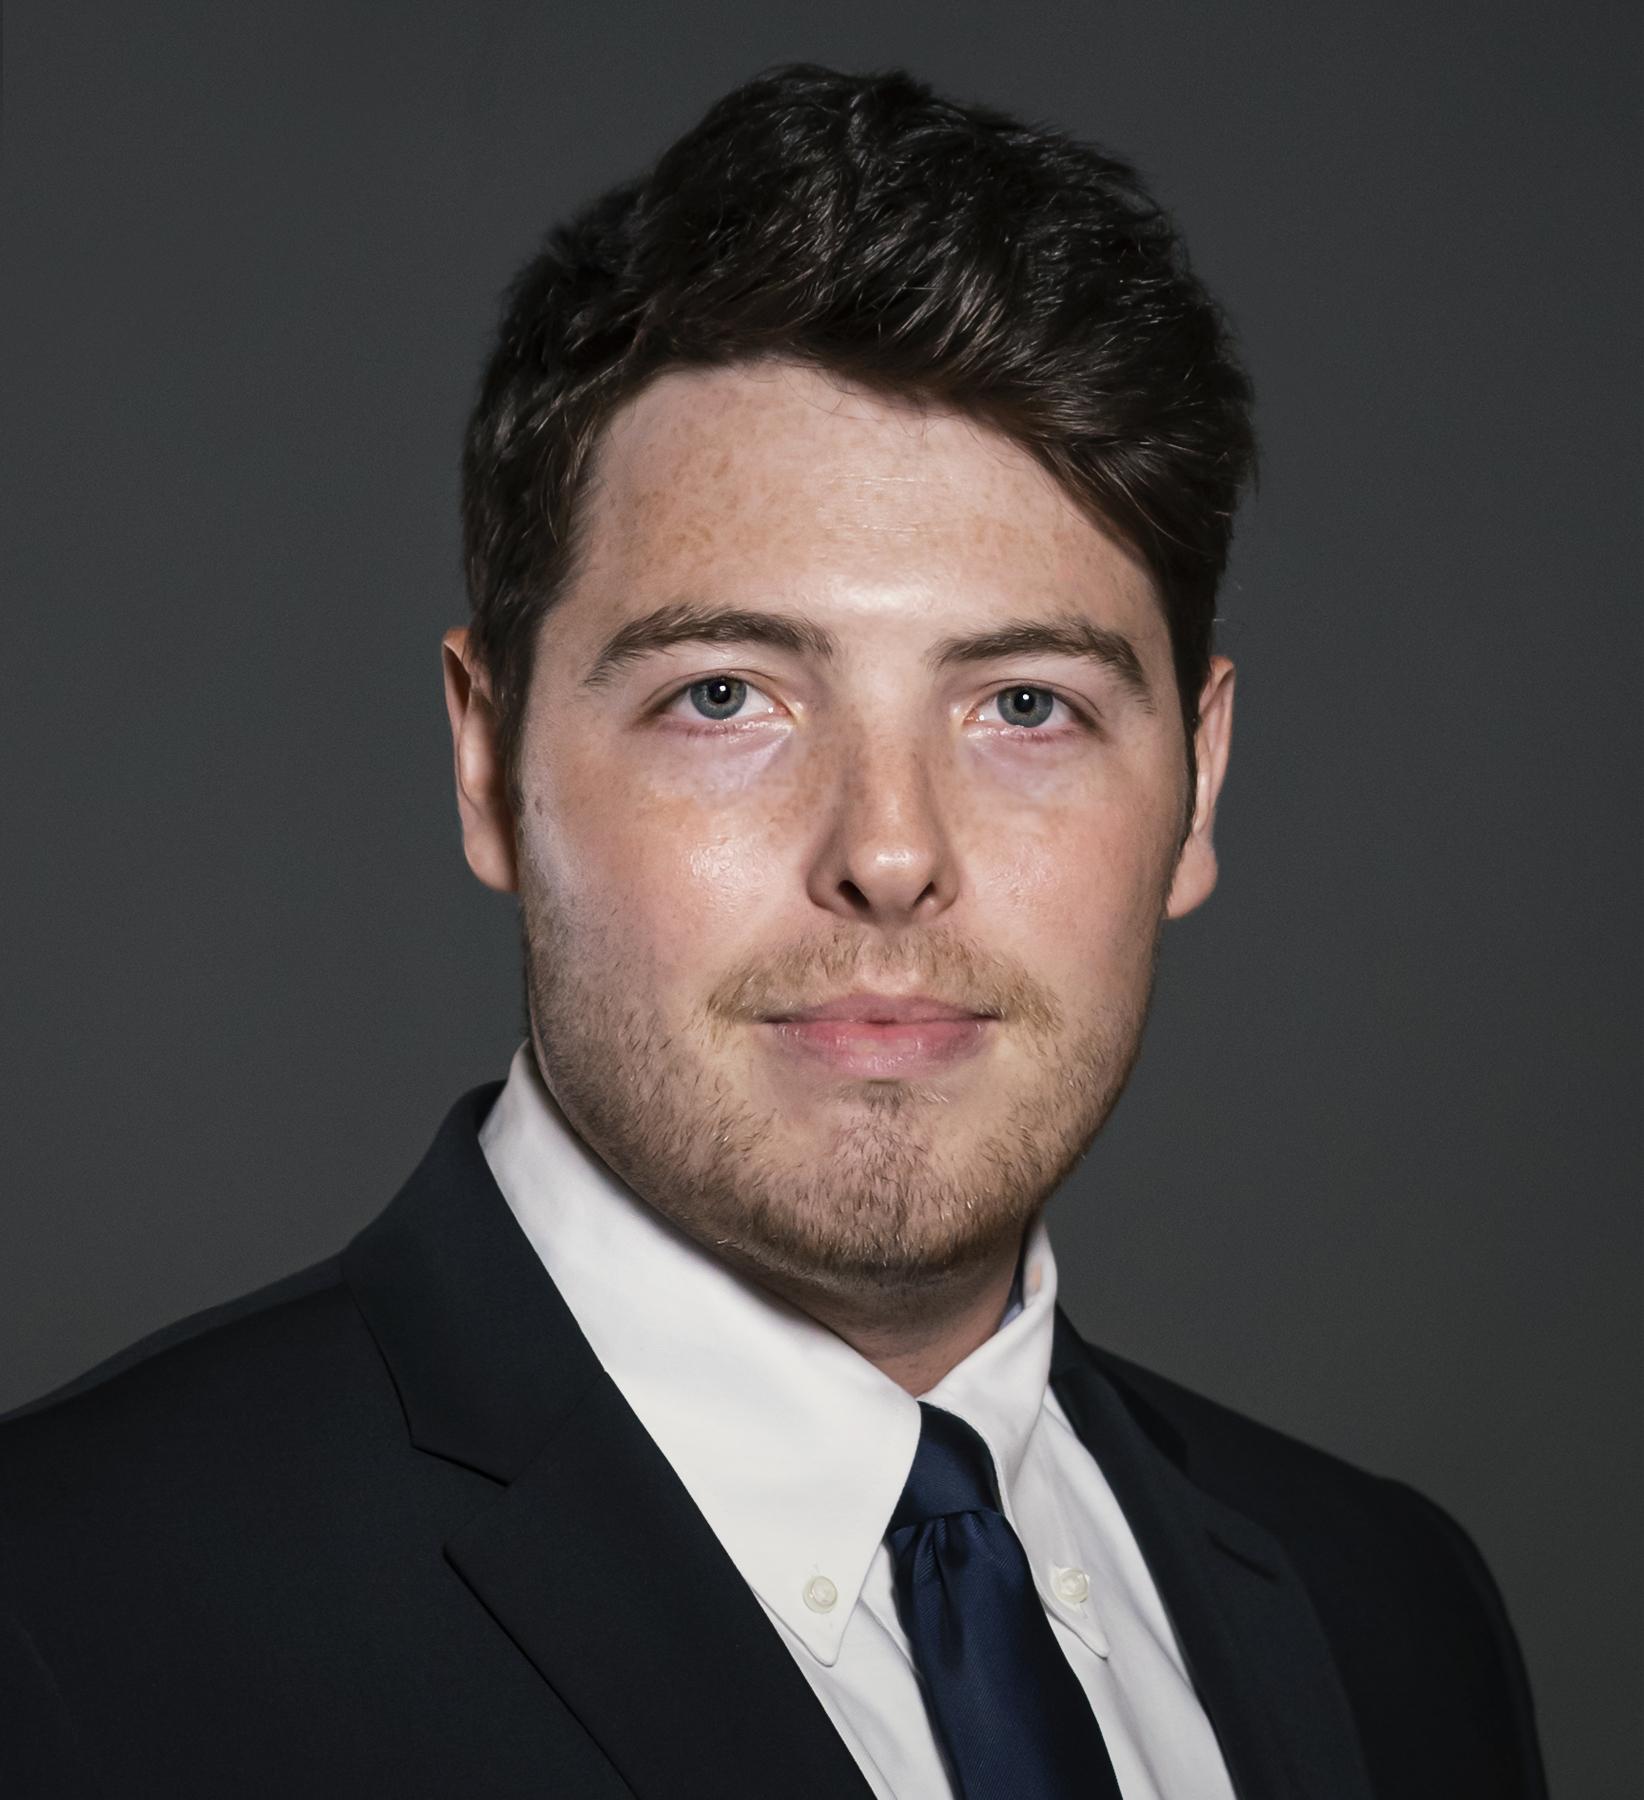 Tyler Goodstein Headshot | Dakota Investments